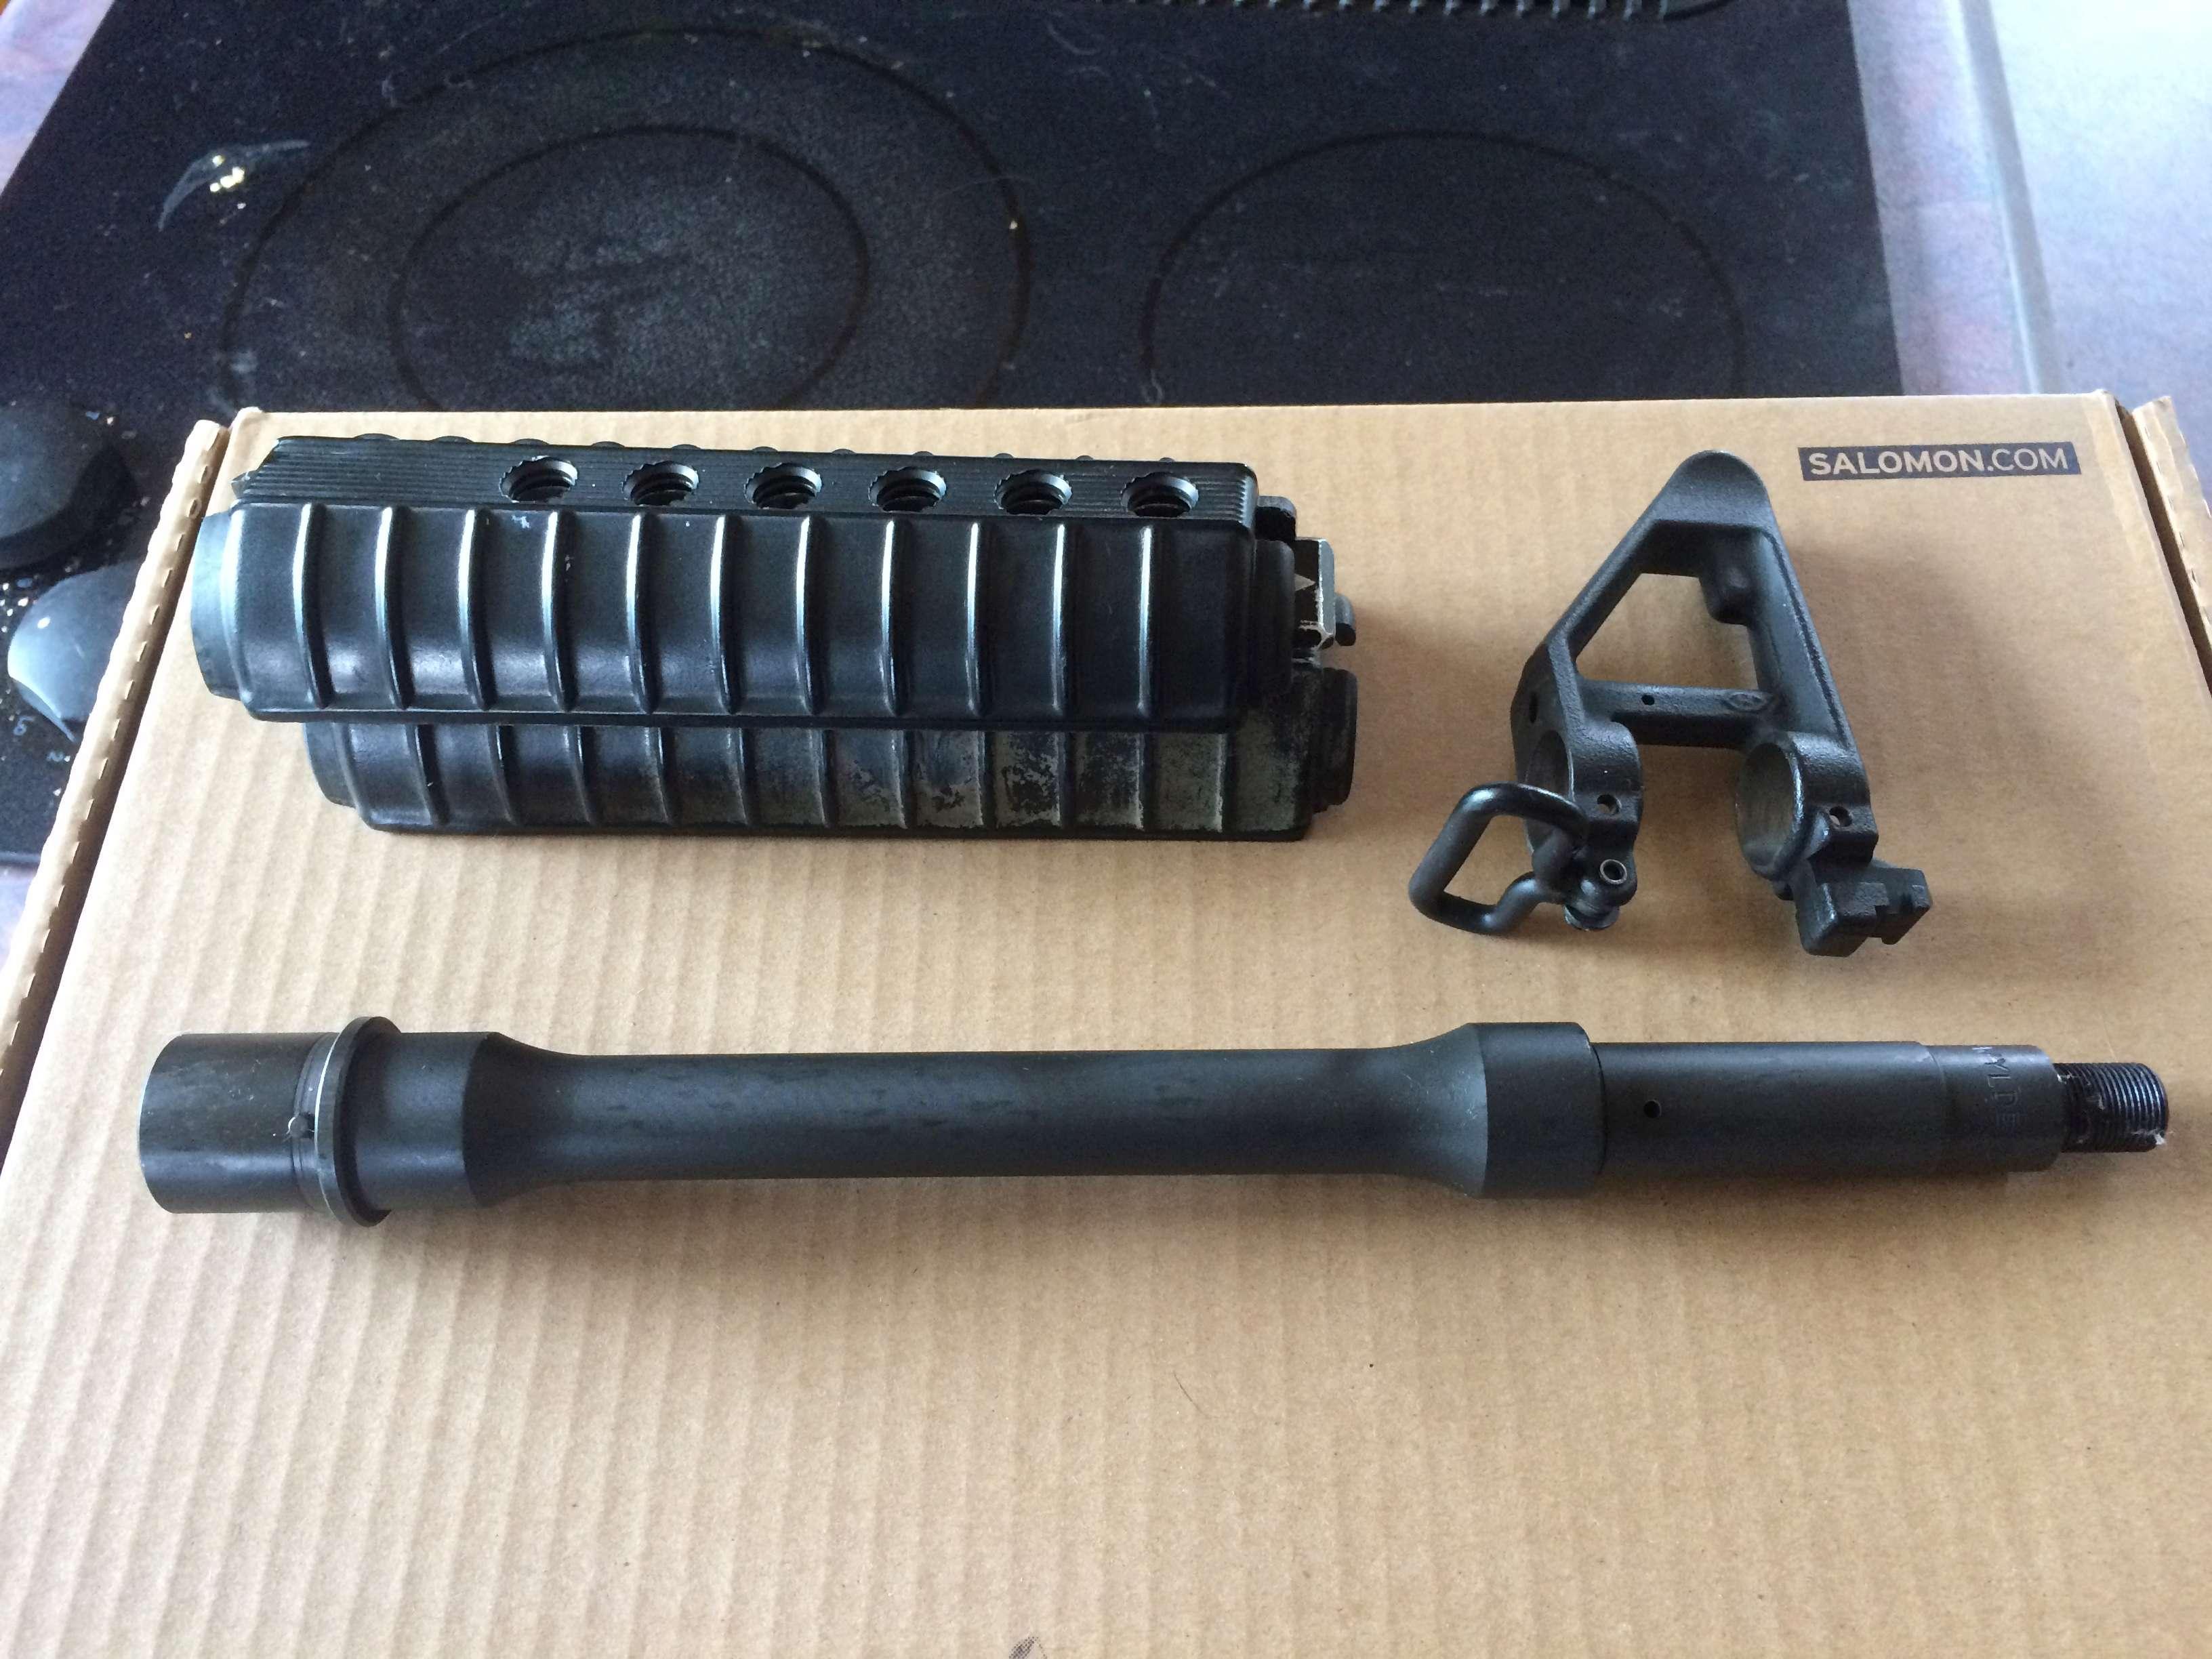 SVP achetez un AR-15! - Page 12 Image137